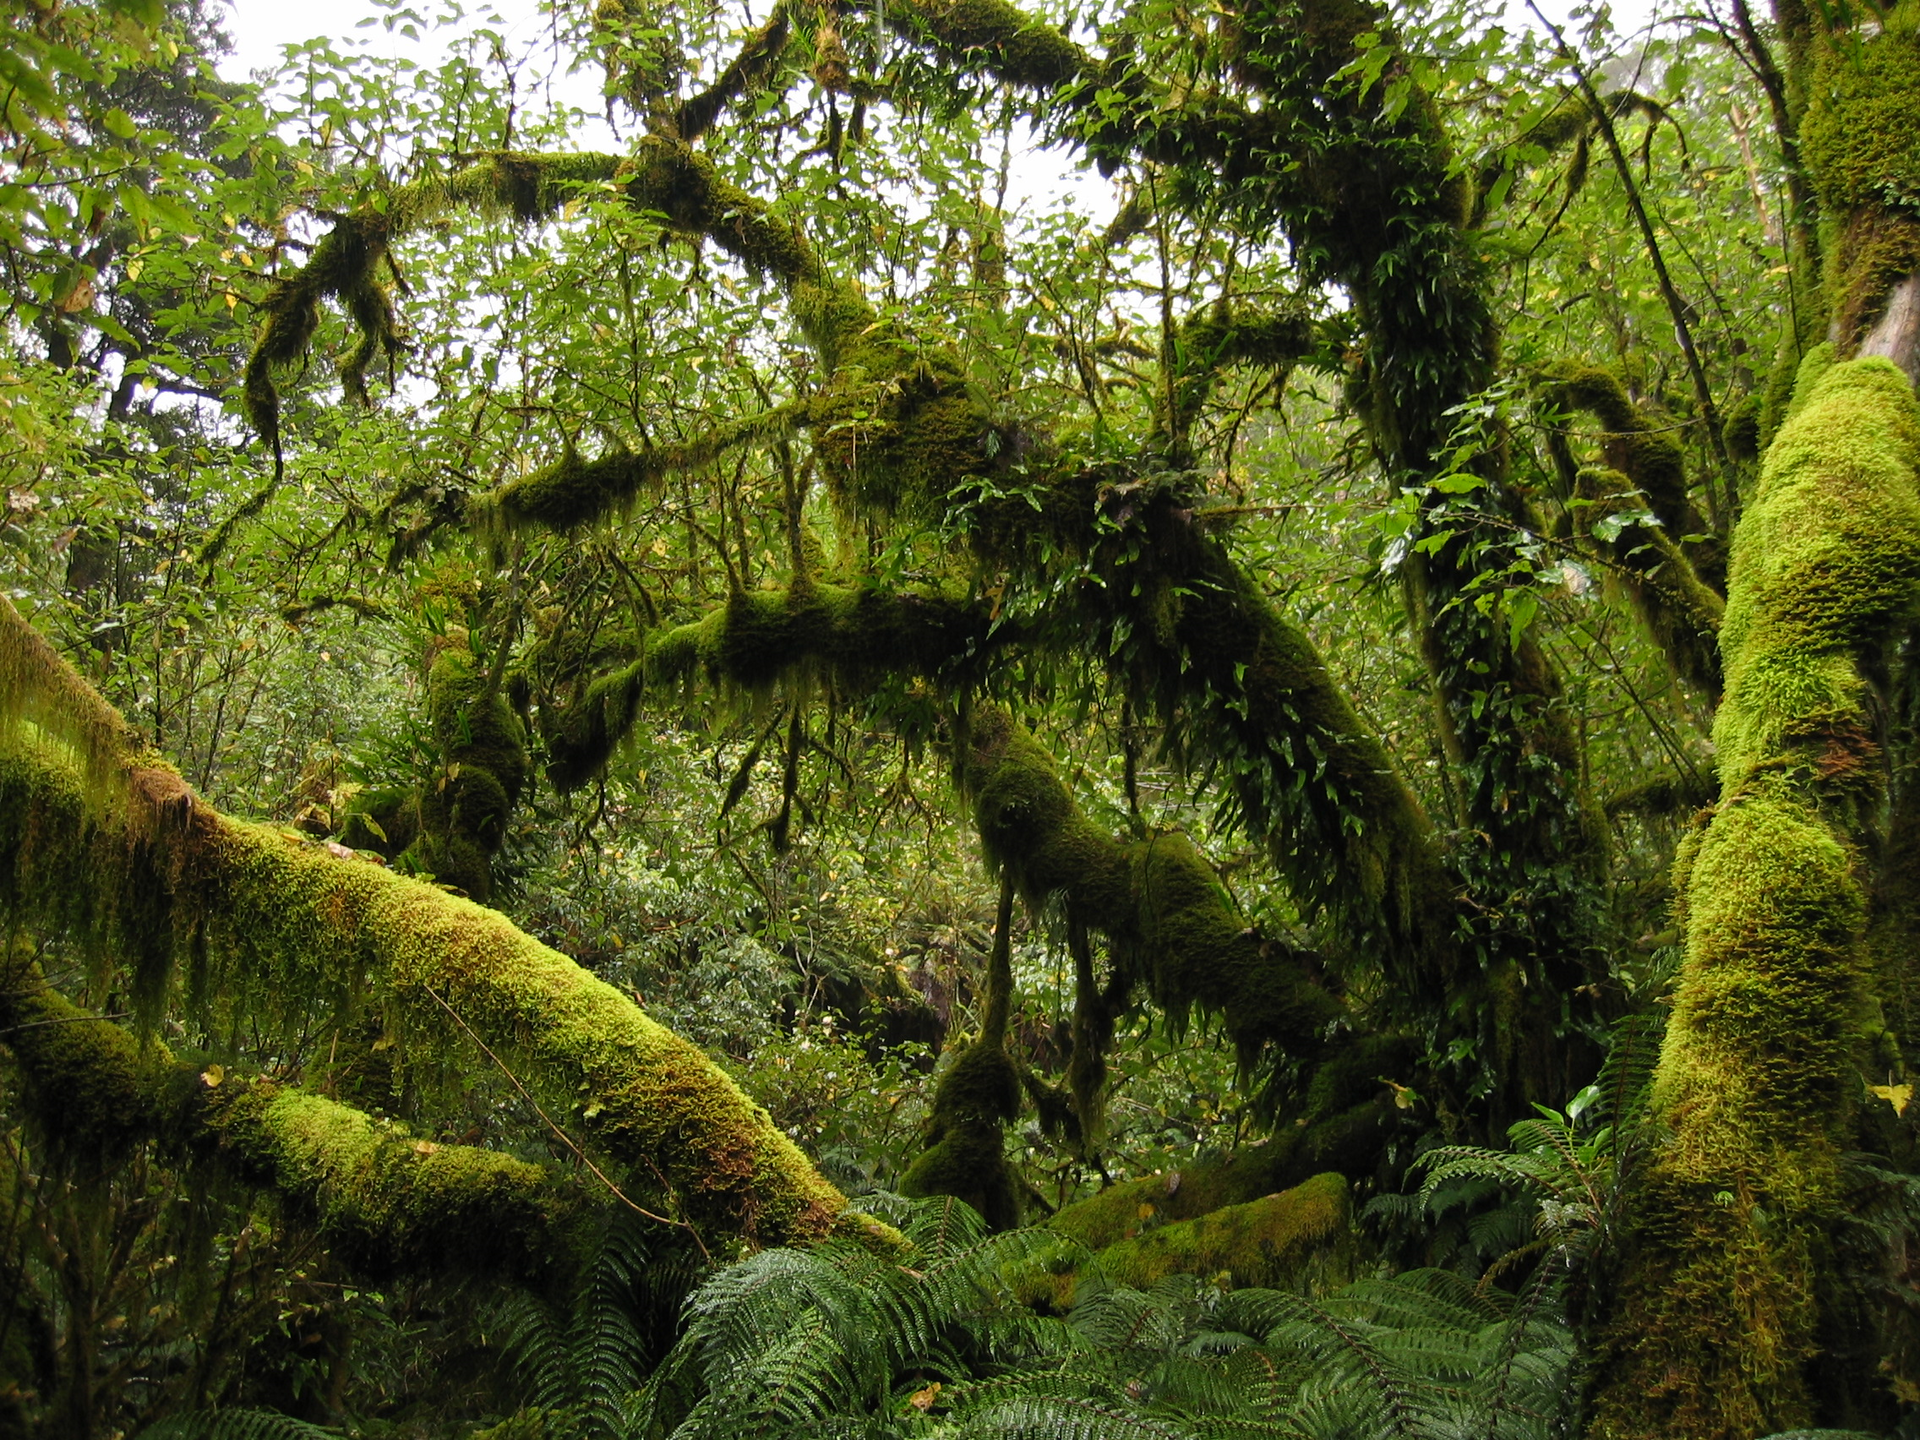 Fotografia przedstawia wnętrze tropikalnego lasu wróżnych odcieniach zieleni. Wygięte pnie są grubo obrośnięte mchem. Gdzieniegdzie wystają spod niego liście. Mech zwisa też zgałęzi drzew. Poniżej rosną paprocie.